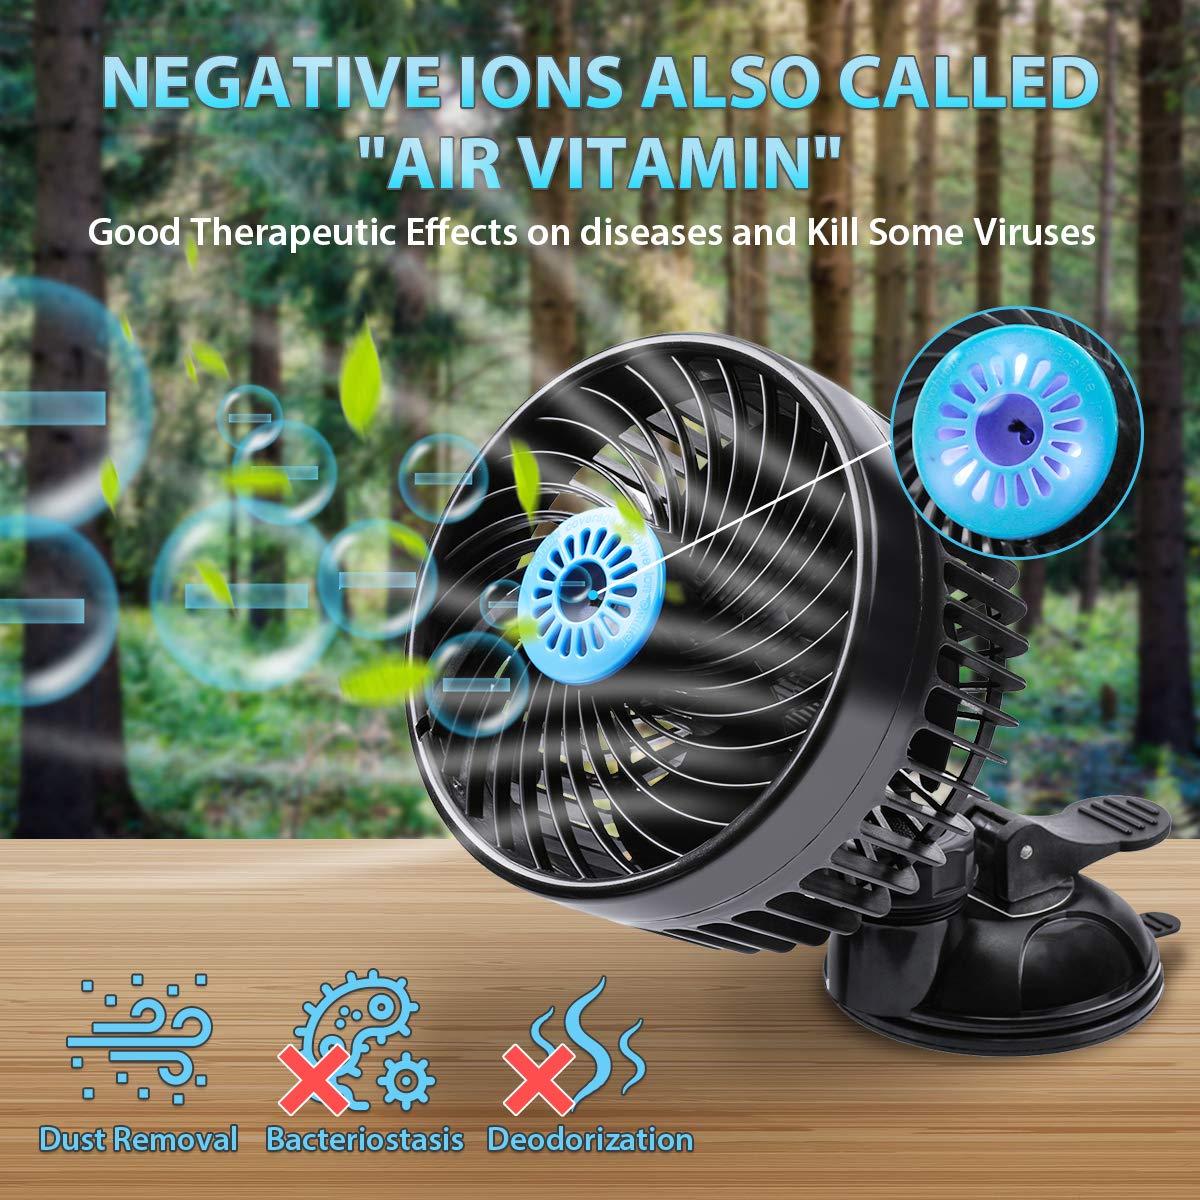 Testa Singola Tvird Ventilatore Automobile Auto,12V Accendisigari Auto Ventola 2 Velocit/à Regolabile e Rotazione Manuale a 360 Gradi Ventosa Potenziata a Basso Rumore Nero